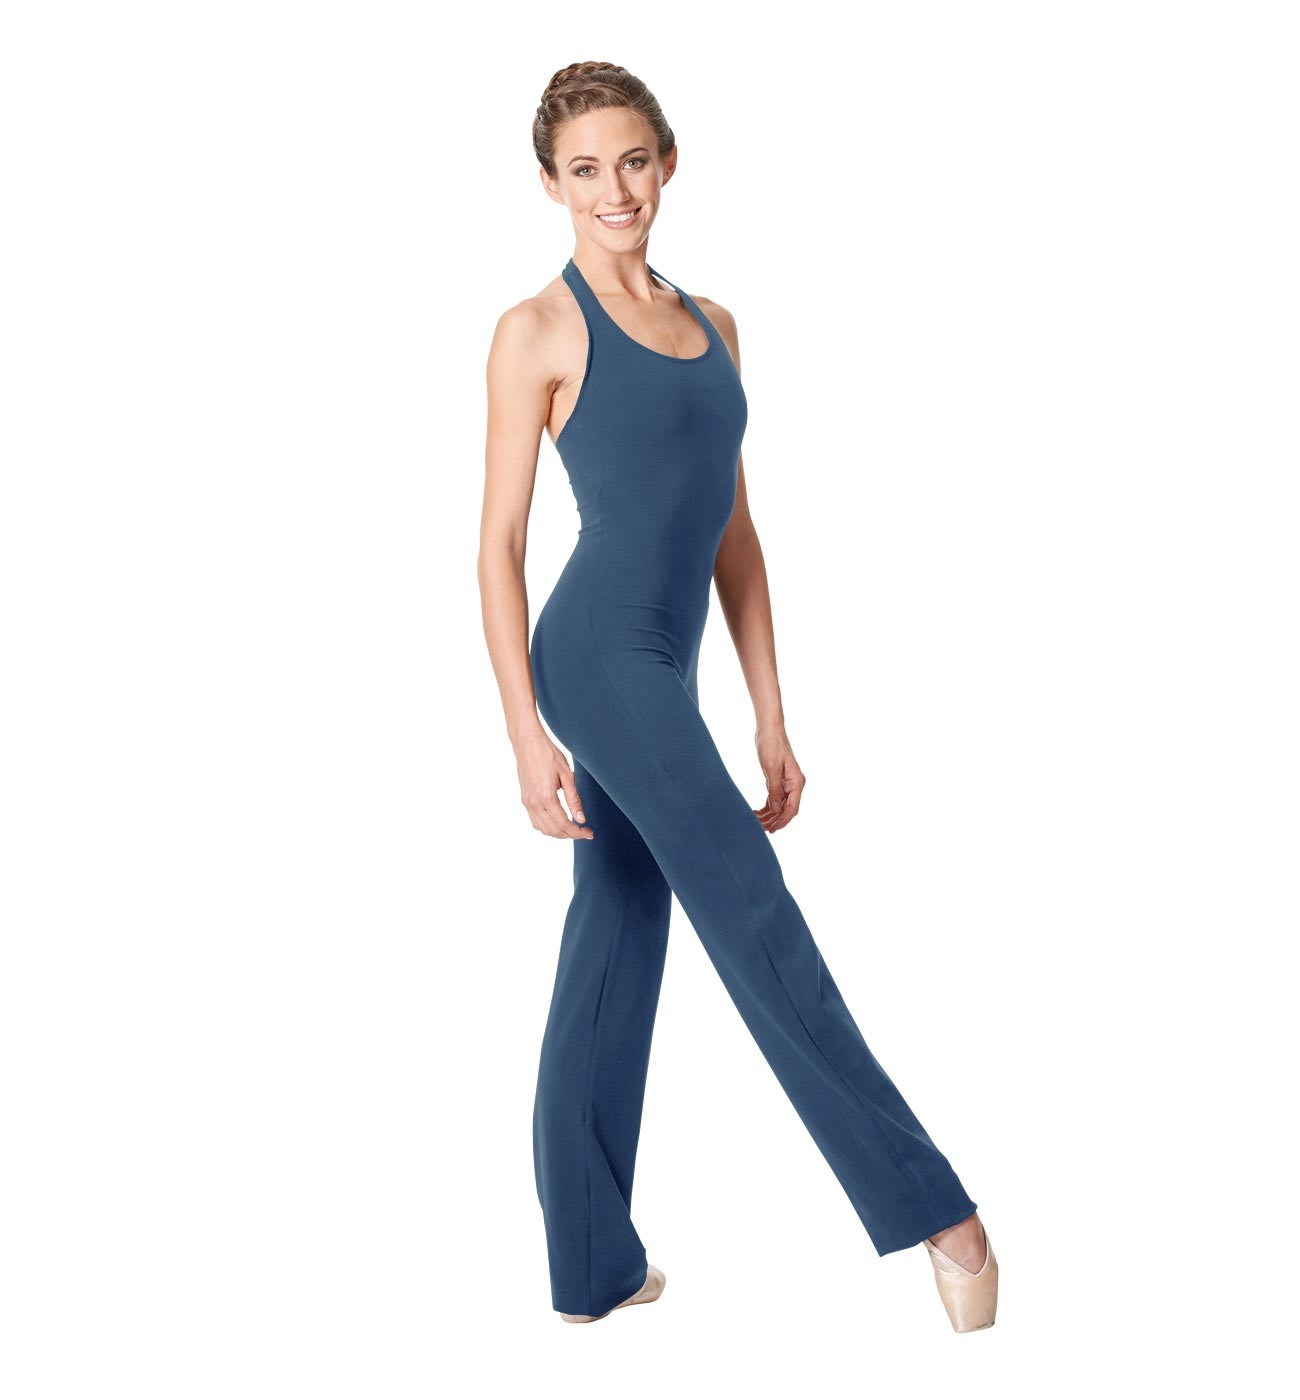 ג'ינס אוברול למחול Alyssa של Lulli בגזרת קולר מכותנה LUB263